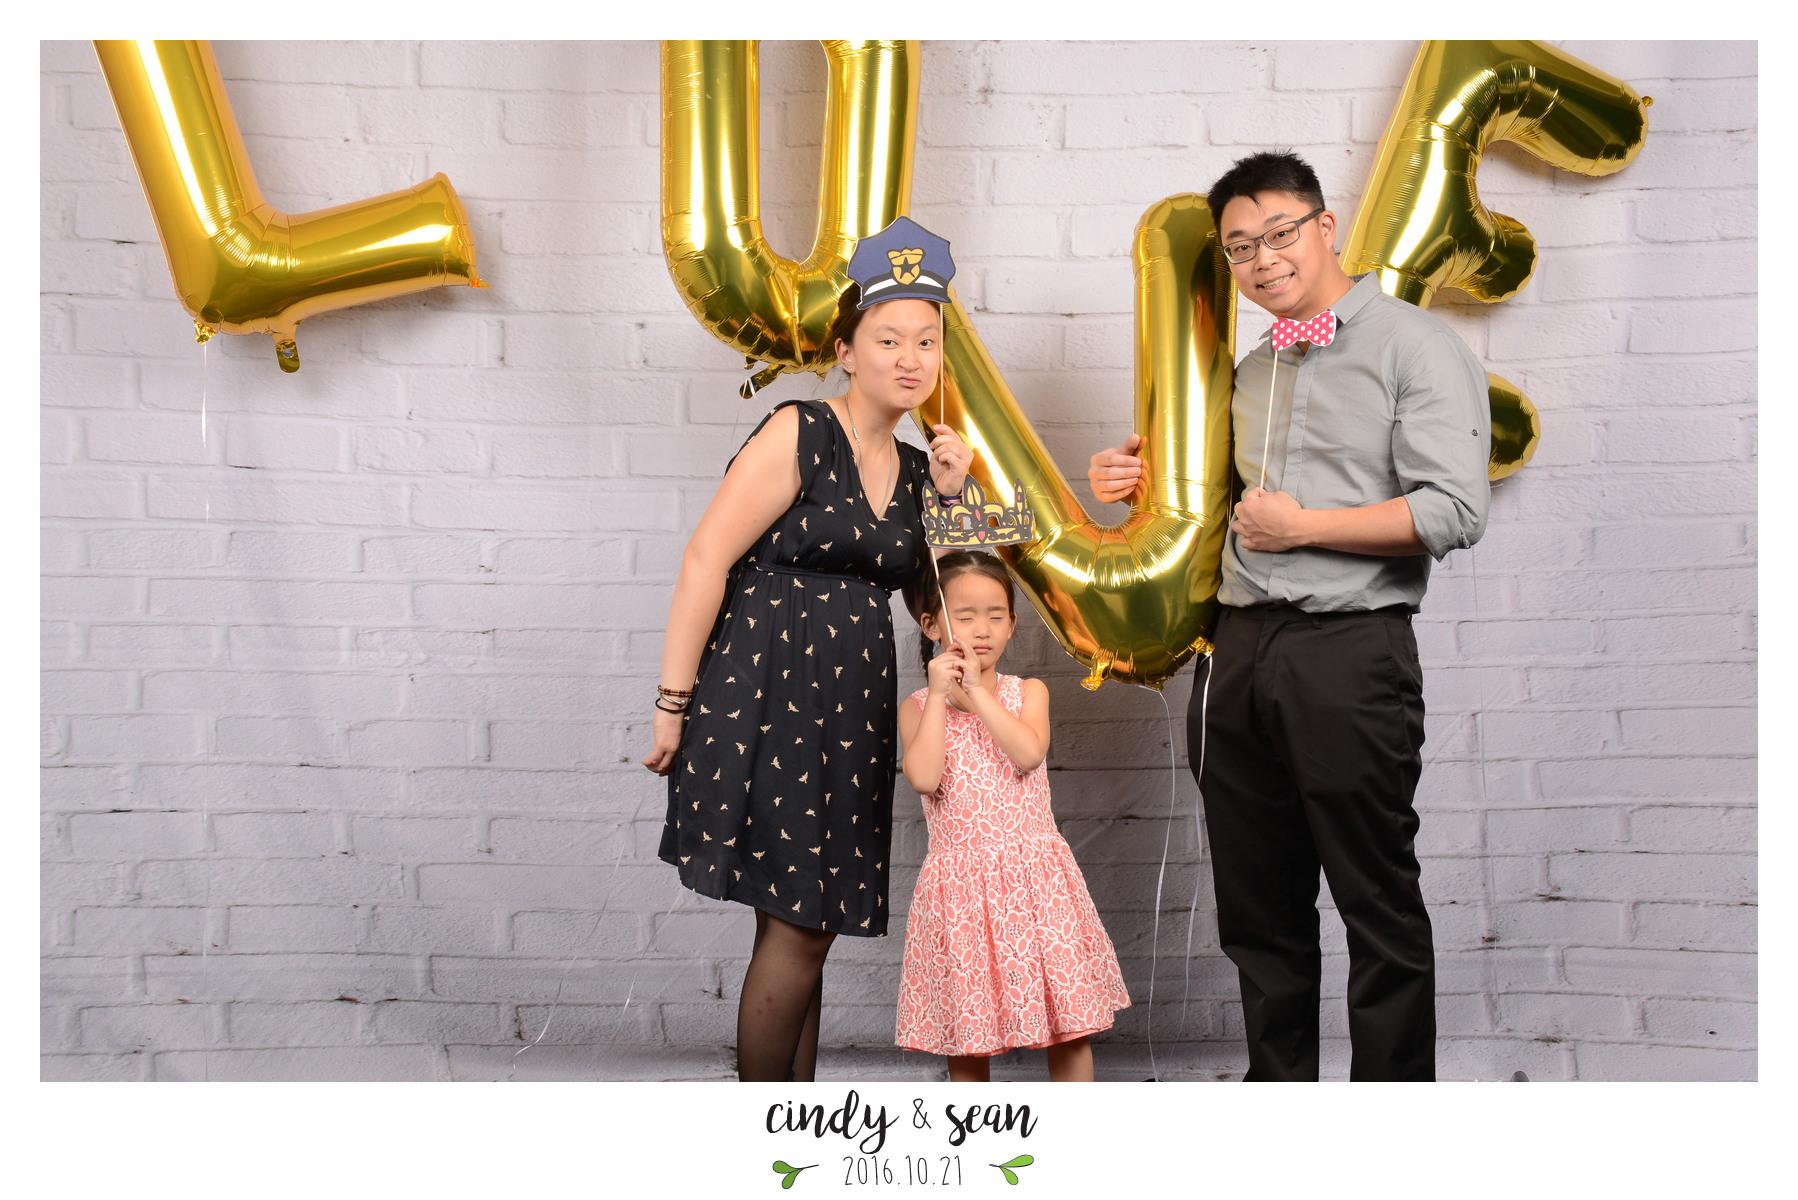 Cindy Sean Bae - 0001-168.jpg